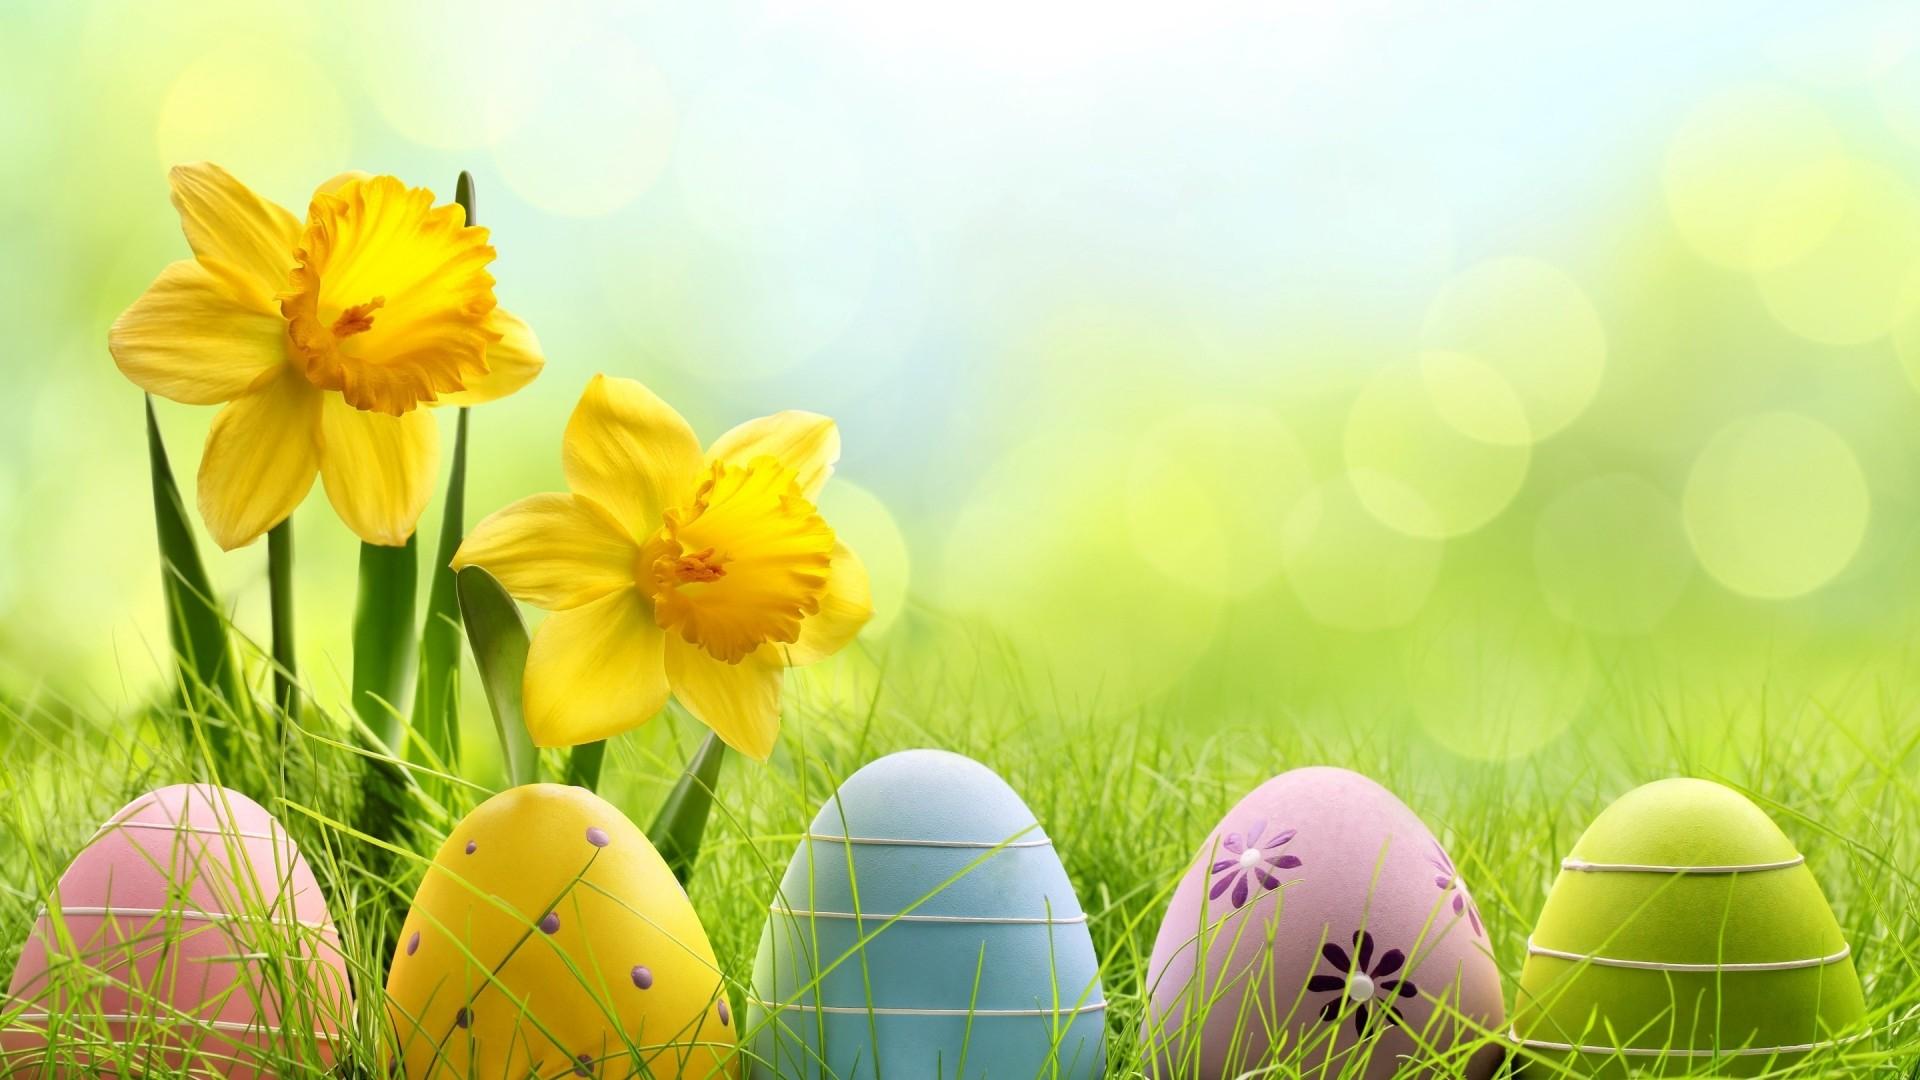 Wallpaper HD Cute Easter Eggs   HD Wallpaper Expert 1920x1080